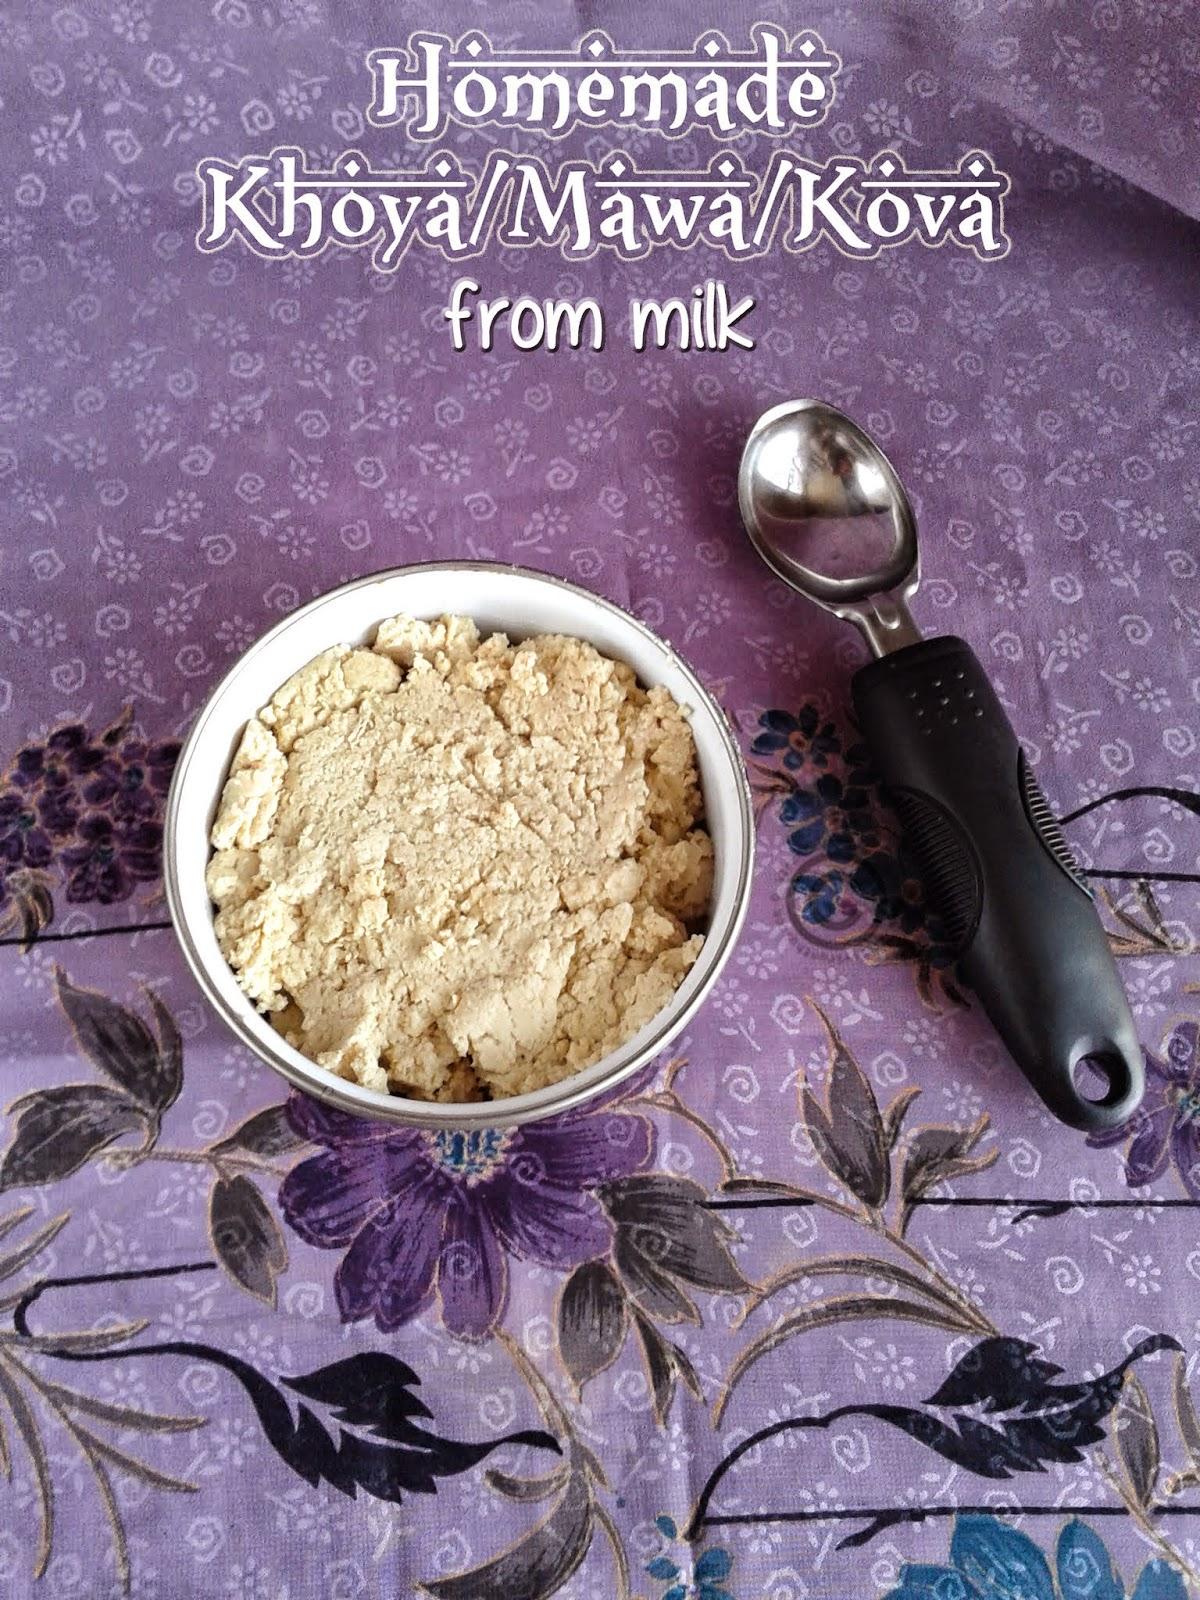 instant-kova-recipes